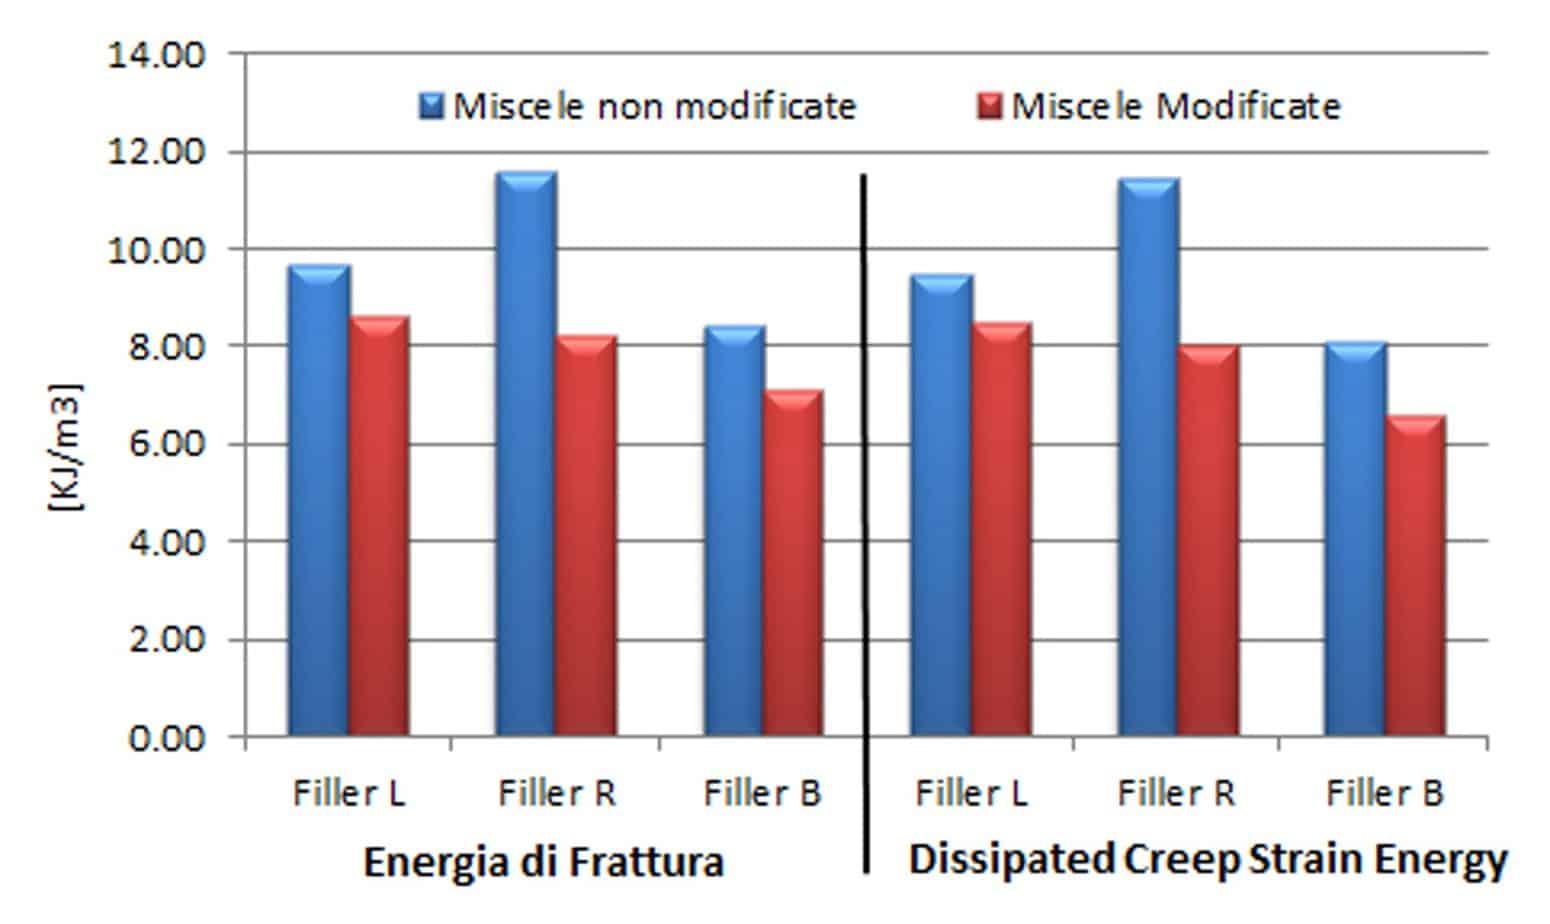 L'effetto del CRM sulle prestazioni energetiche dei conglomerati